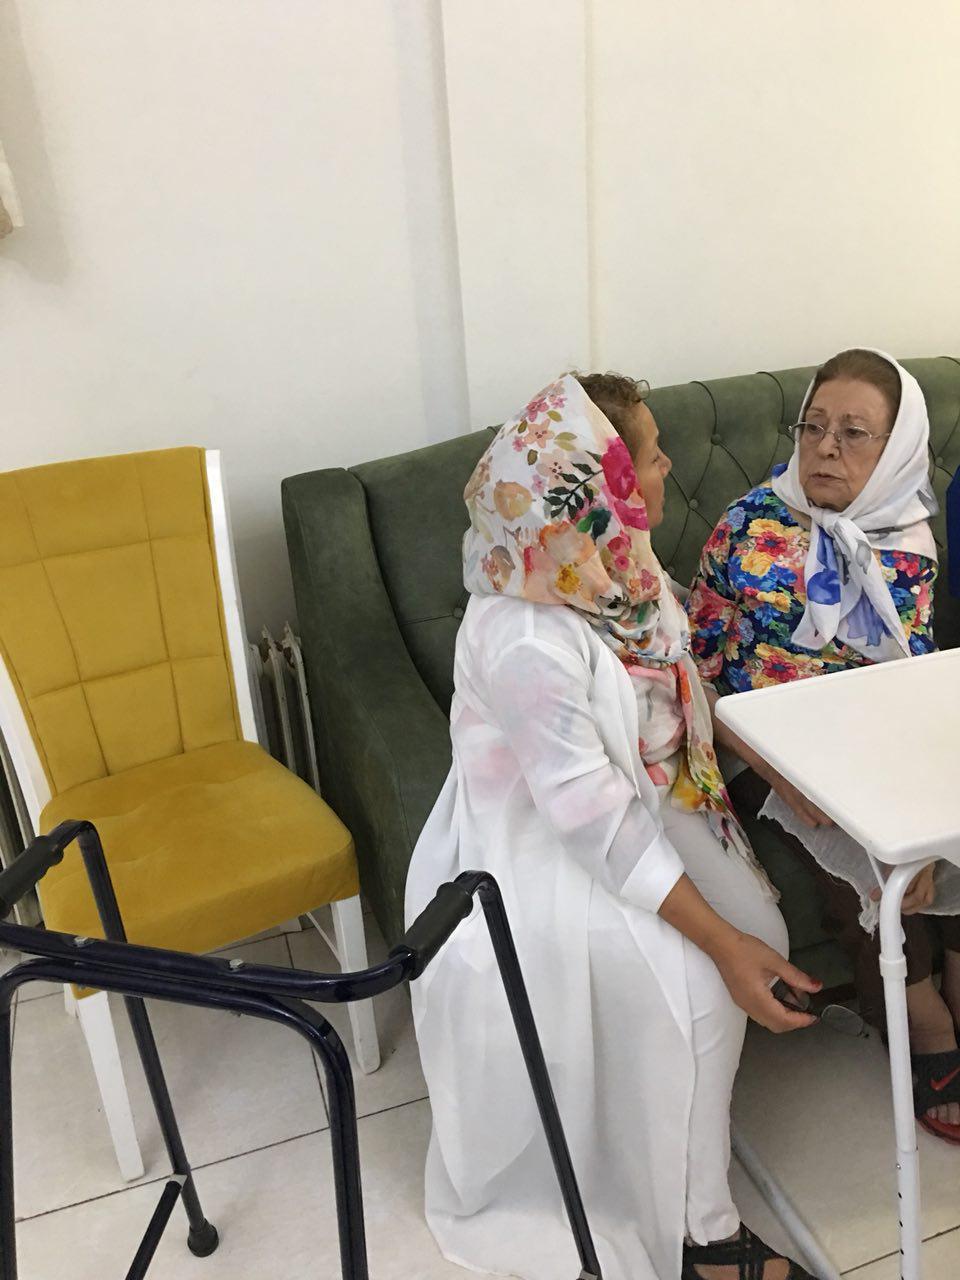 حضور خانم دکتر افسانه اسدخانى در مرکز و ویزیت تمامى سالمندان